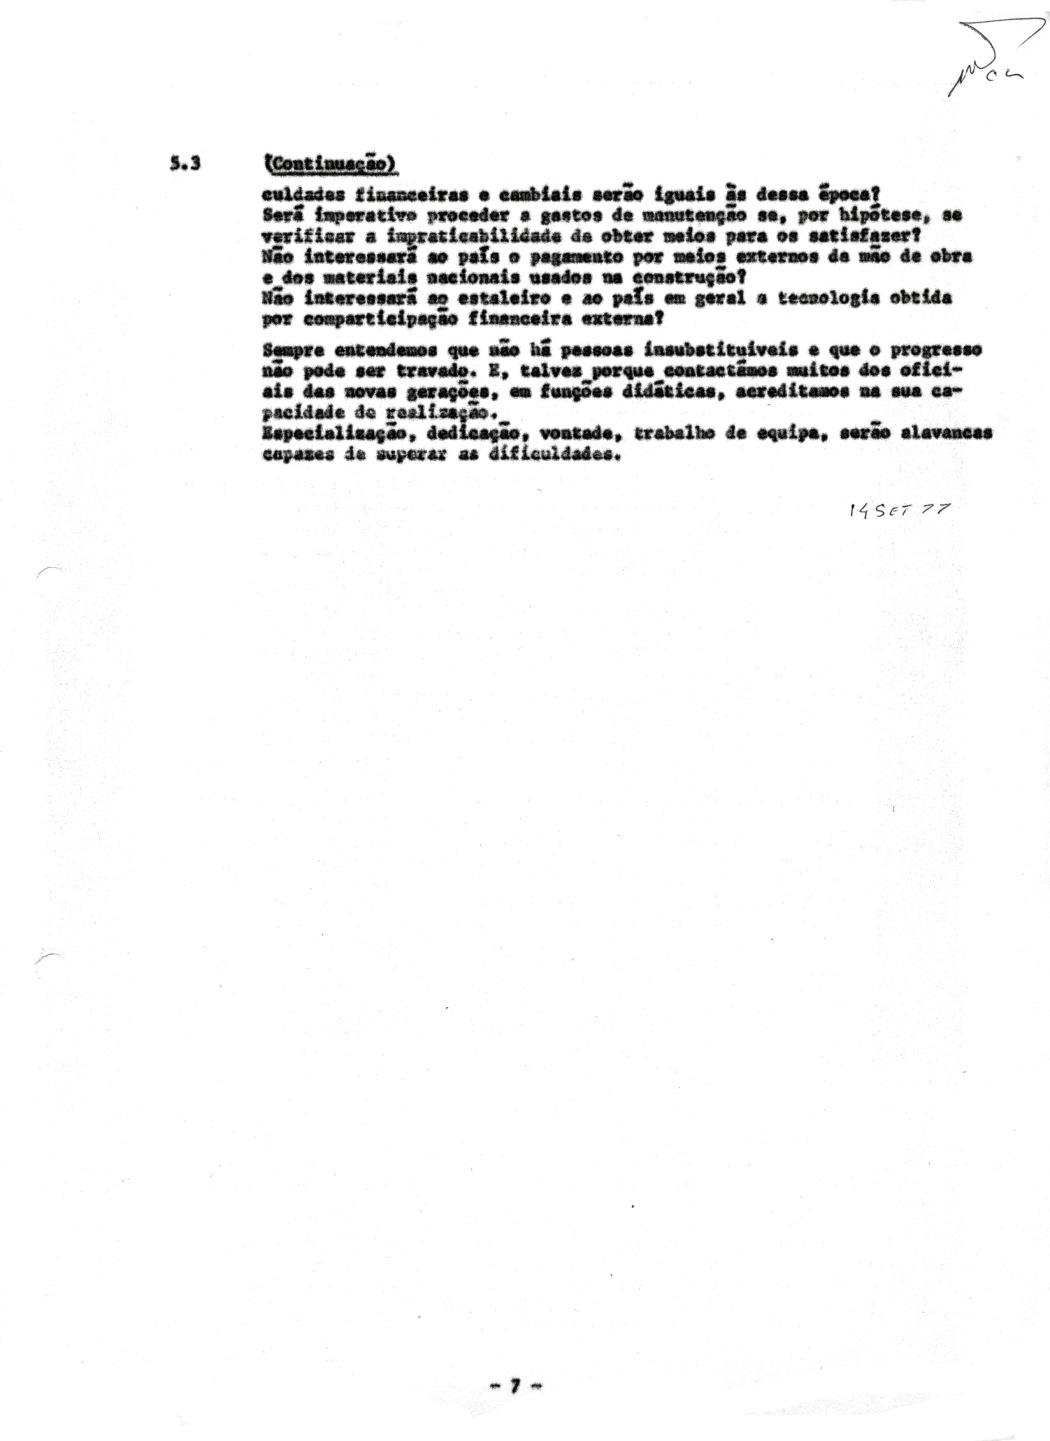 00859 977-09-14 Meu artigo Porquê Novas Fragatas publicado nos Anais do Clube Militar Naval e na Revista da Armada -pg 7 de 7